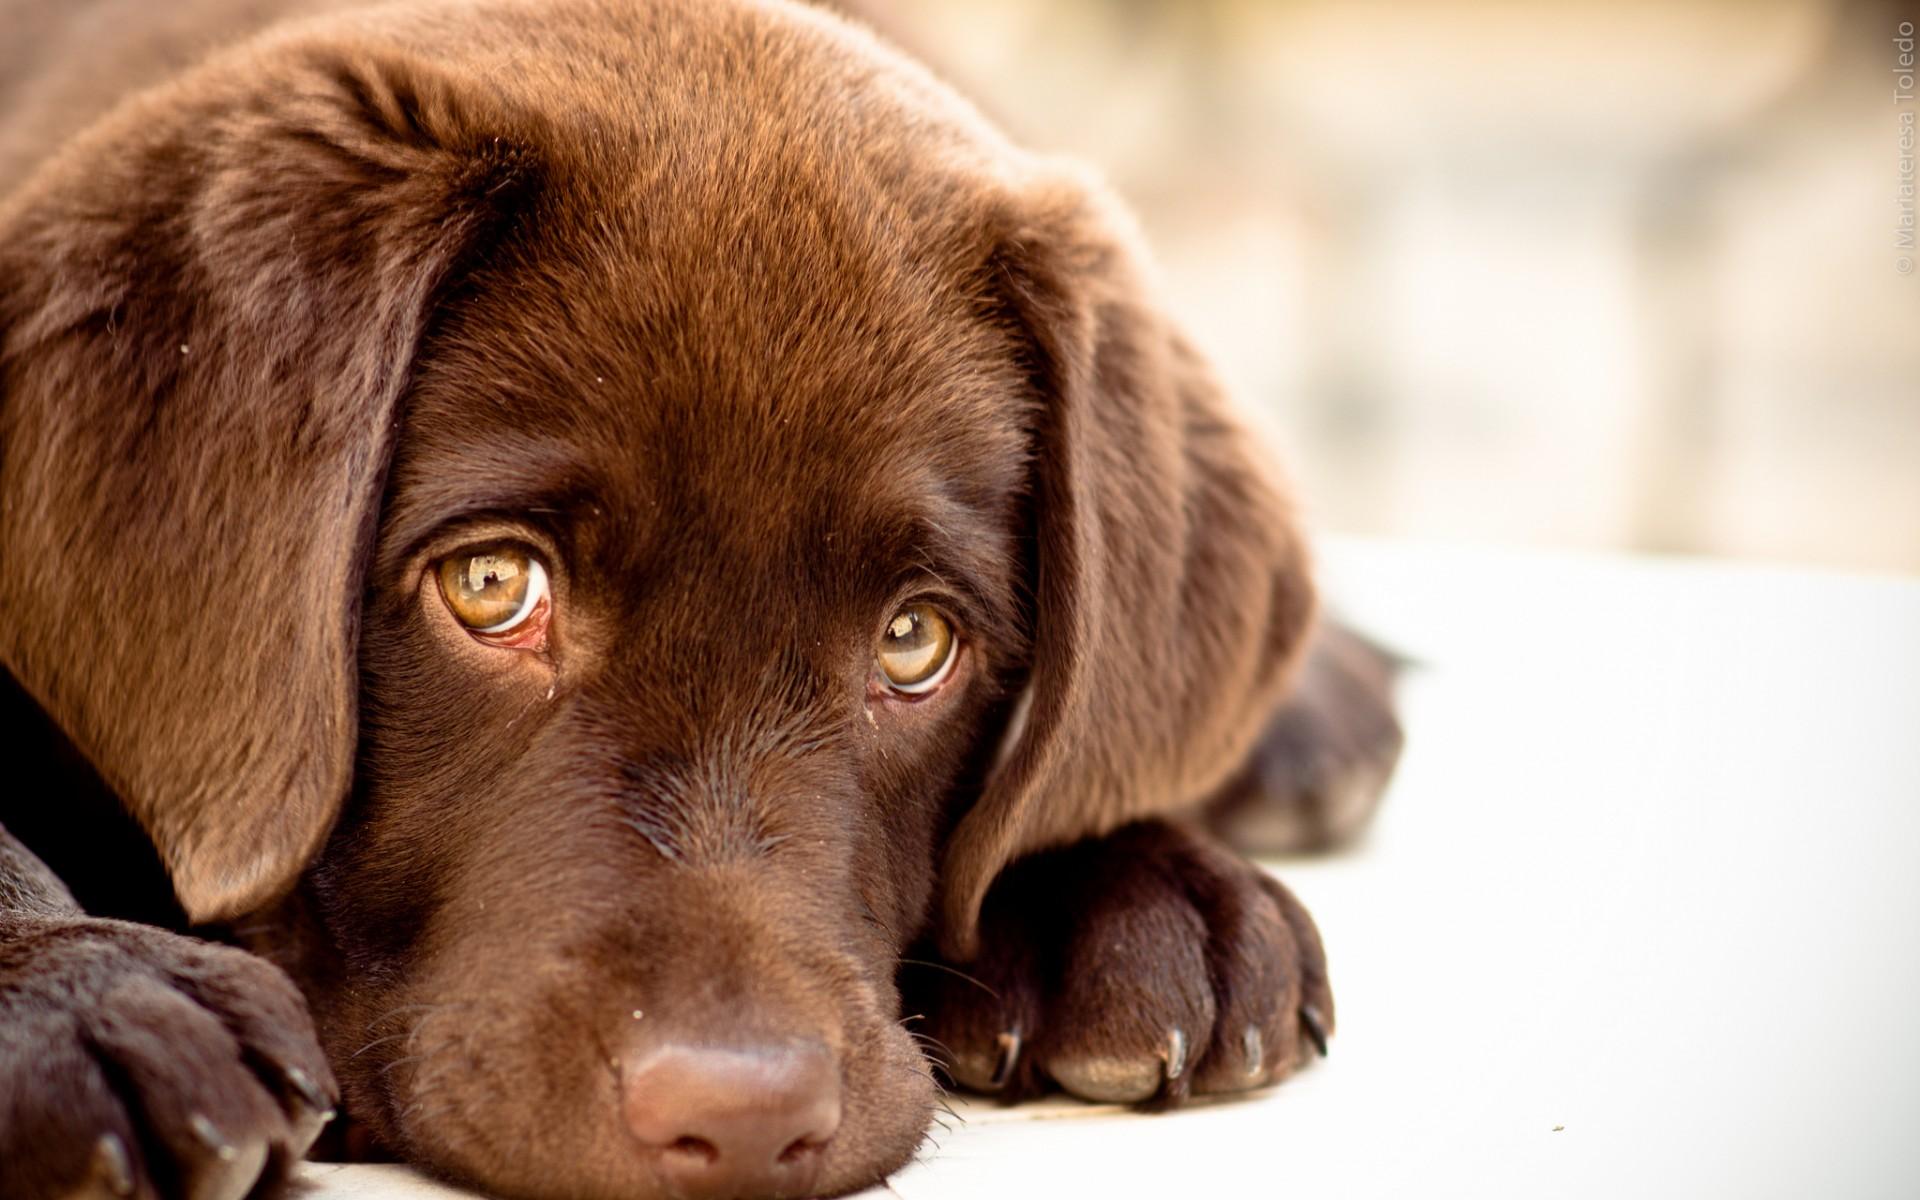 грустная картинка щенка алгоритм